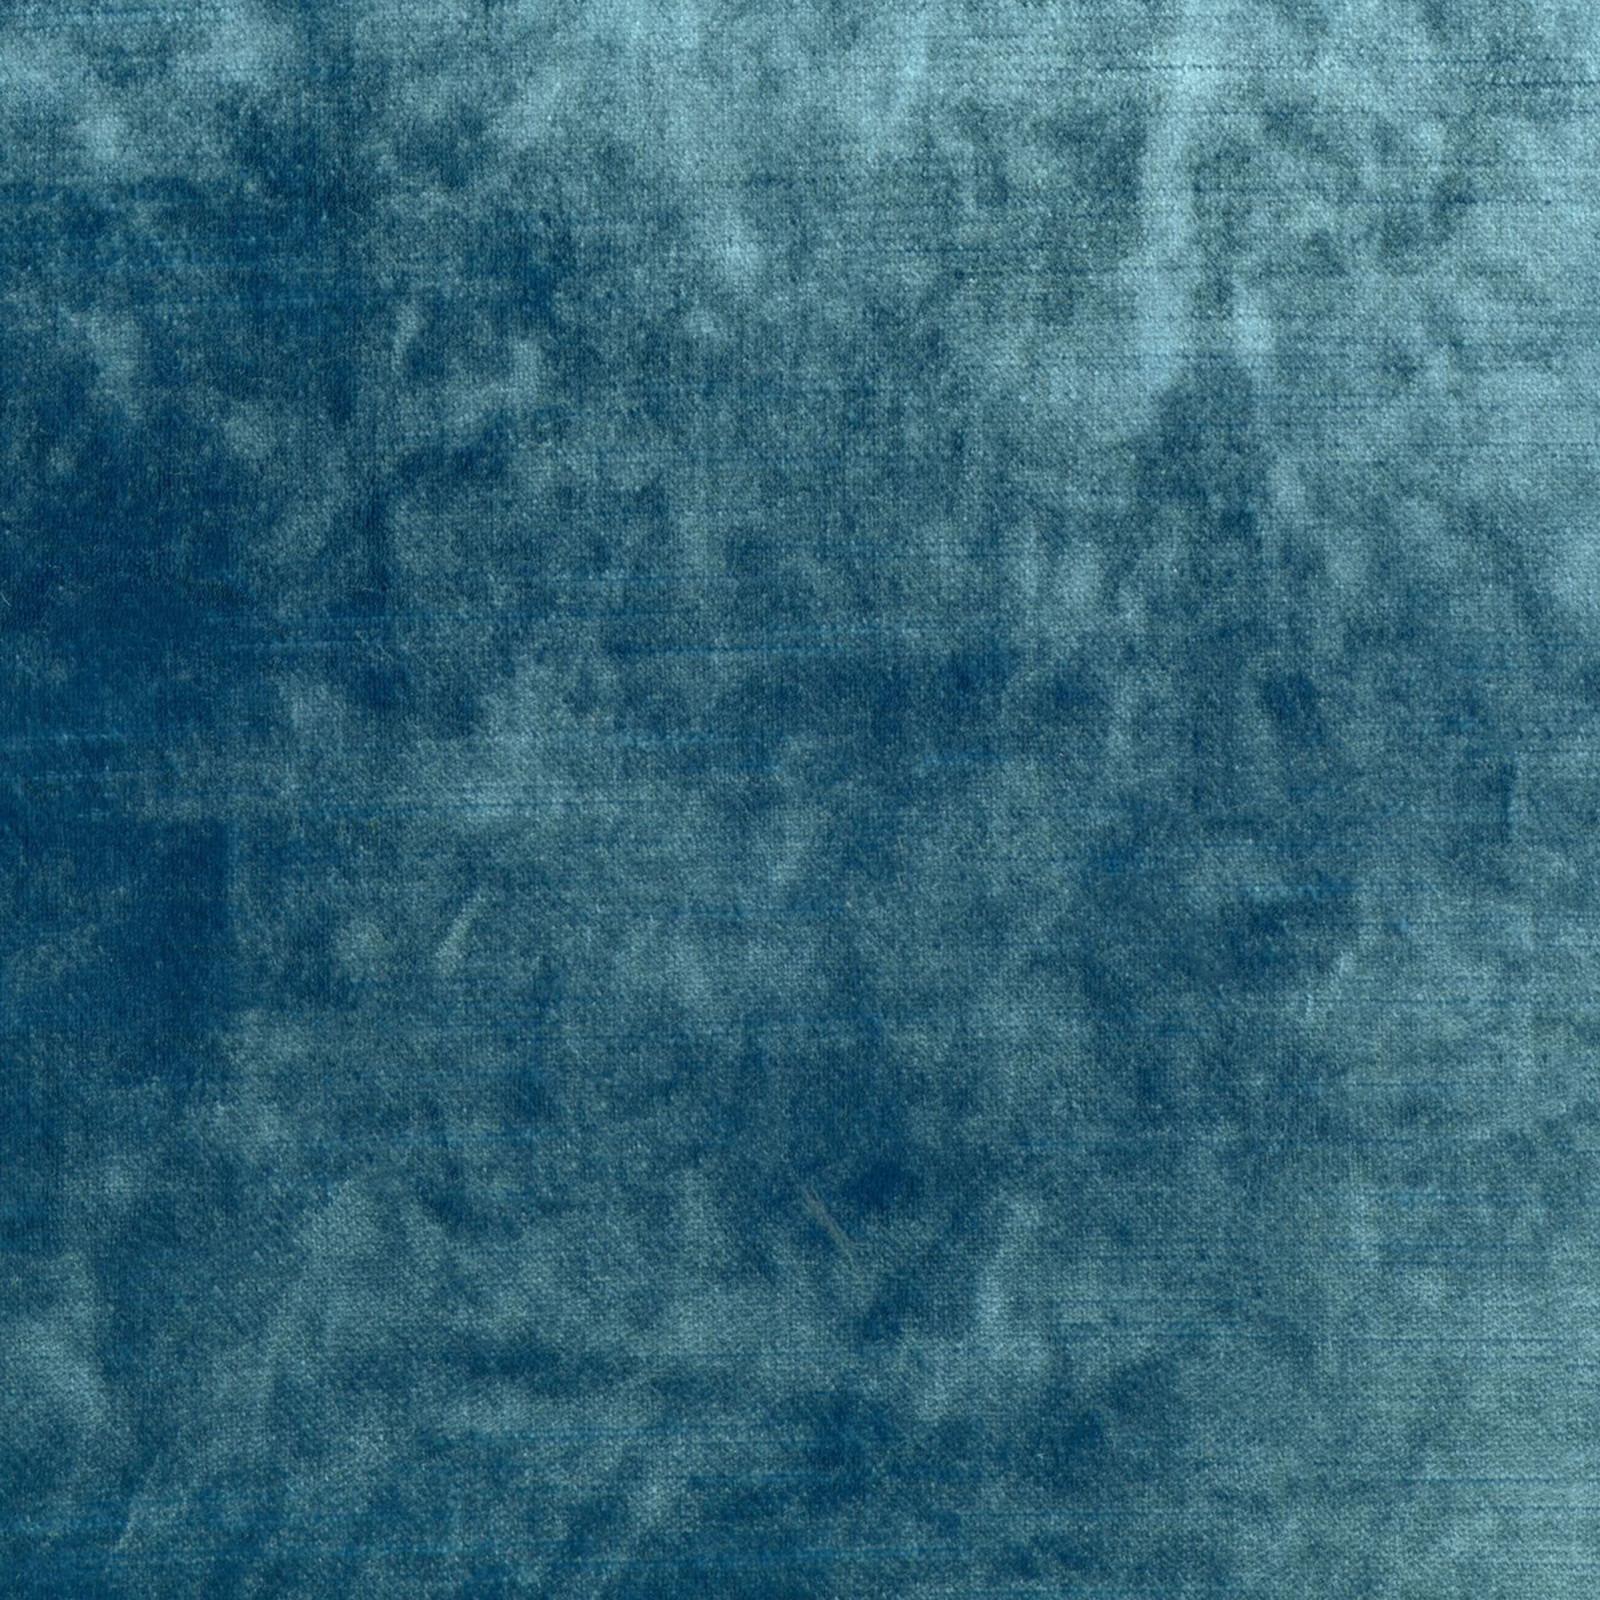 Trends For Velvet Texture - freedmockup